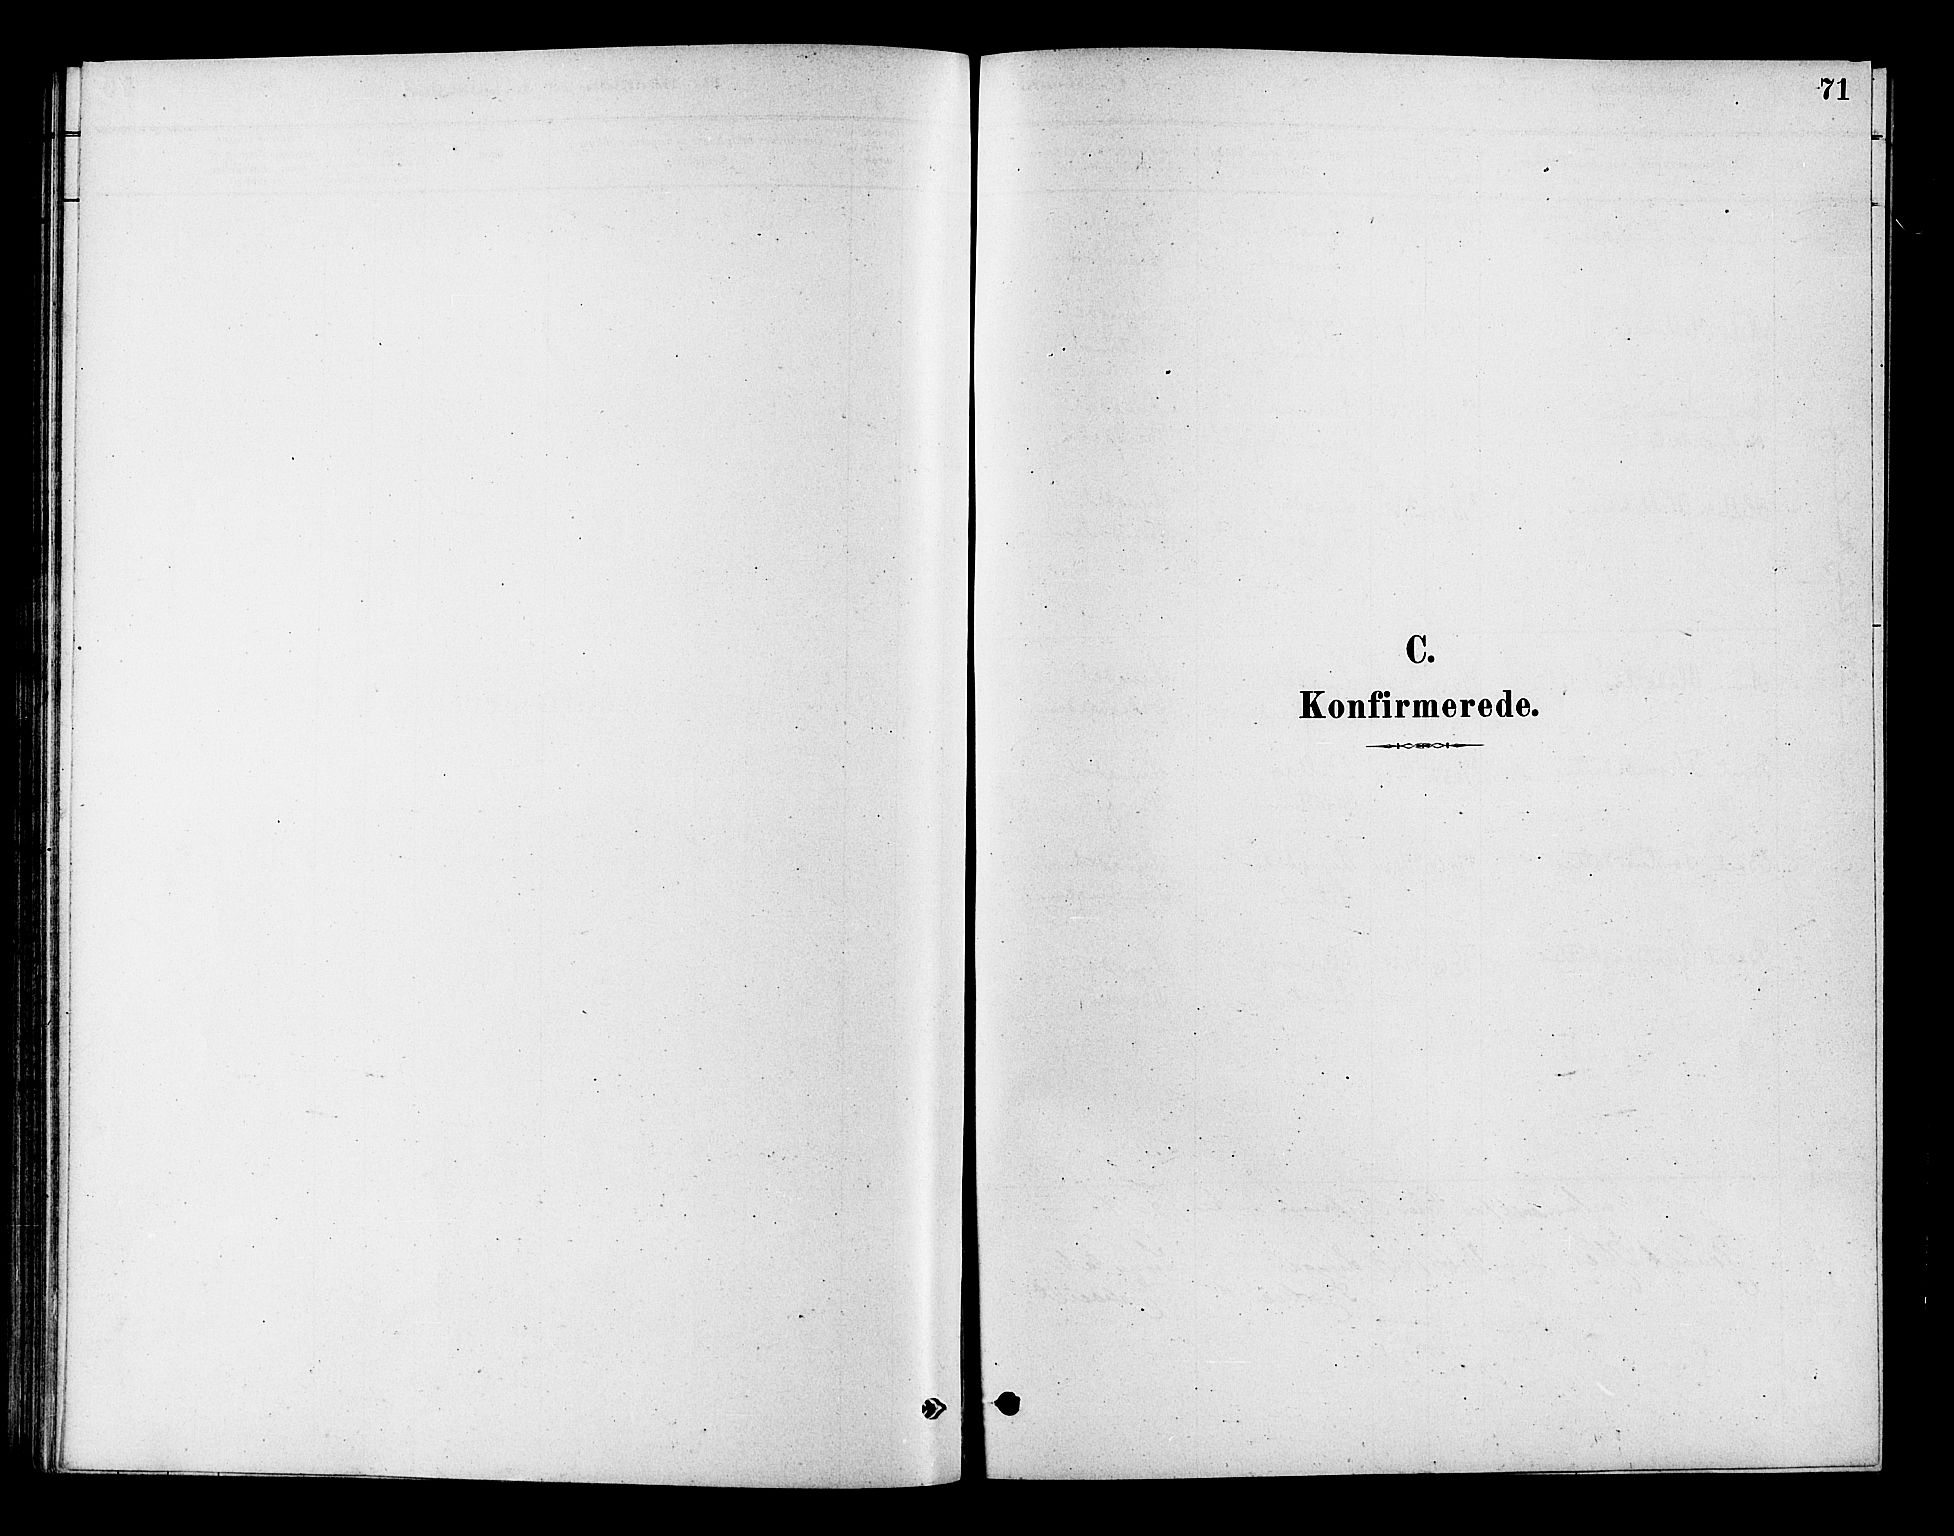 SAKO, Flesberg kirkebøker, F/Fc/L0001: Ministerialbok nr. III 1, 1879-1905, s. 71